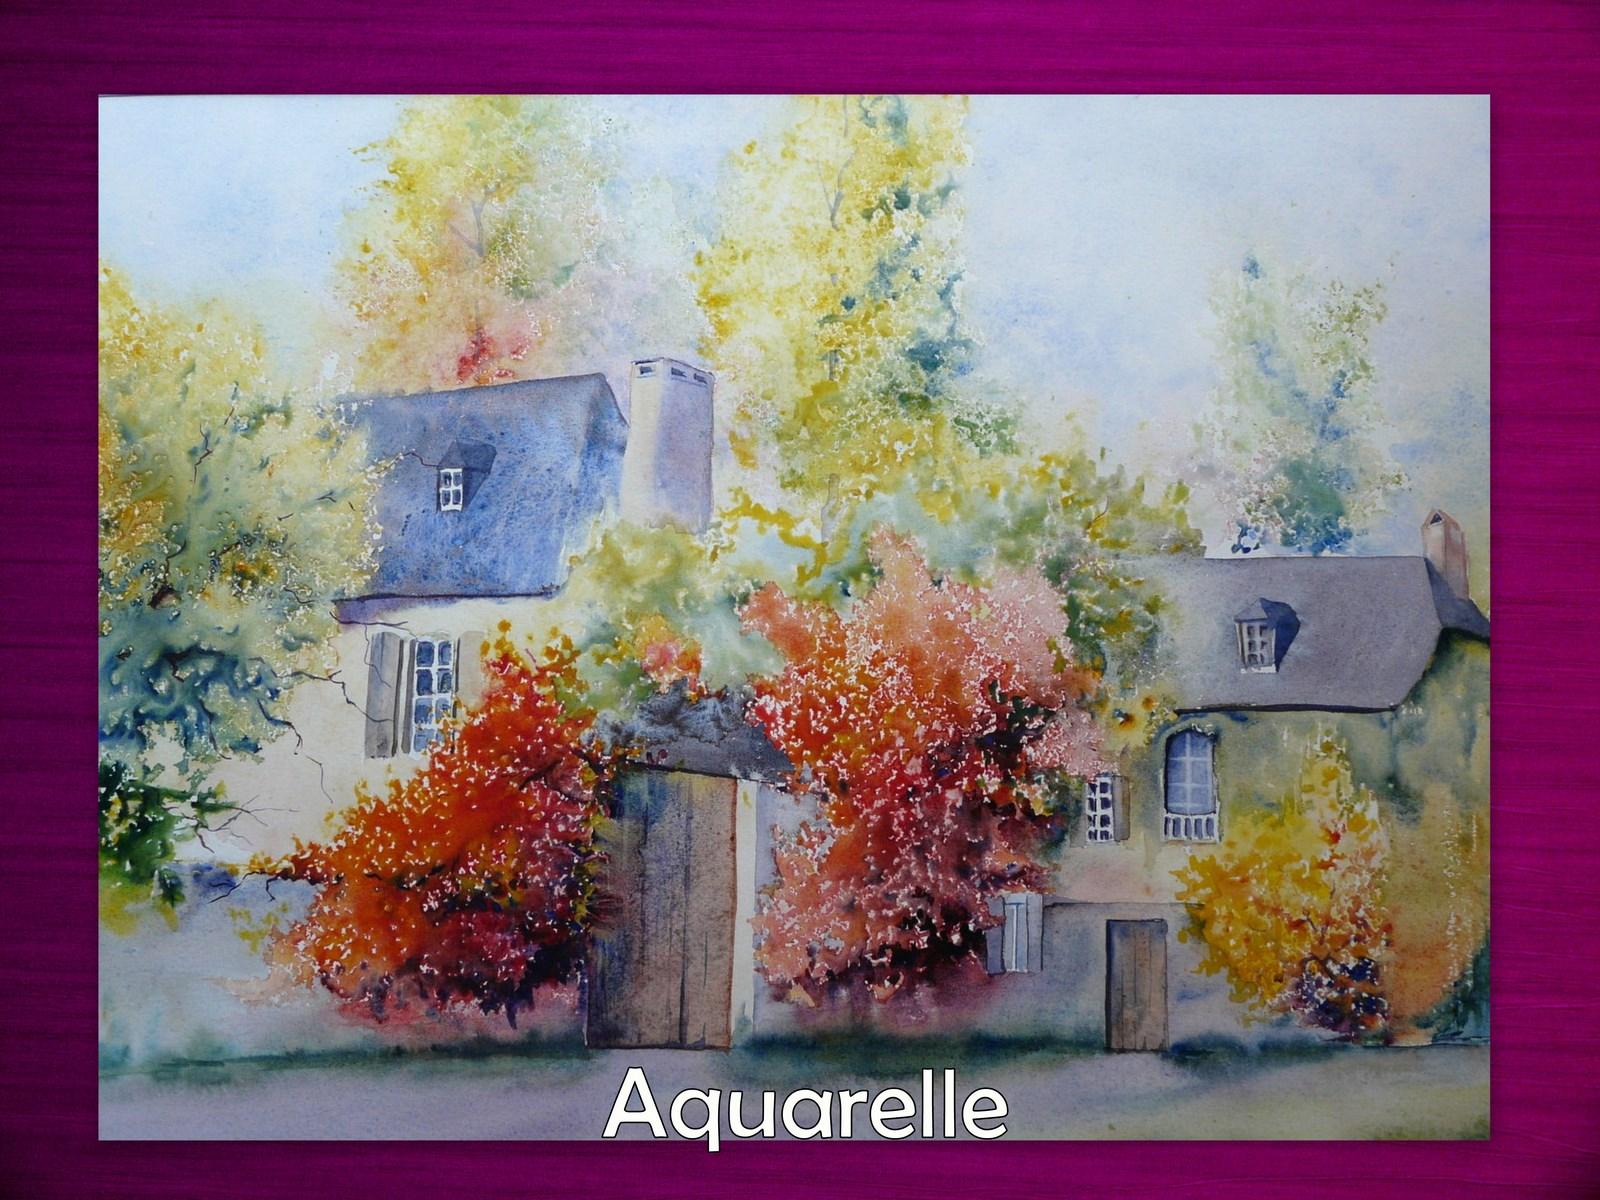 Aquarelle1 (2)